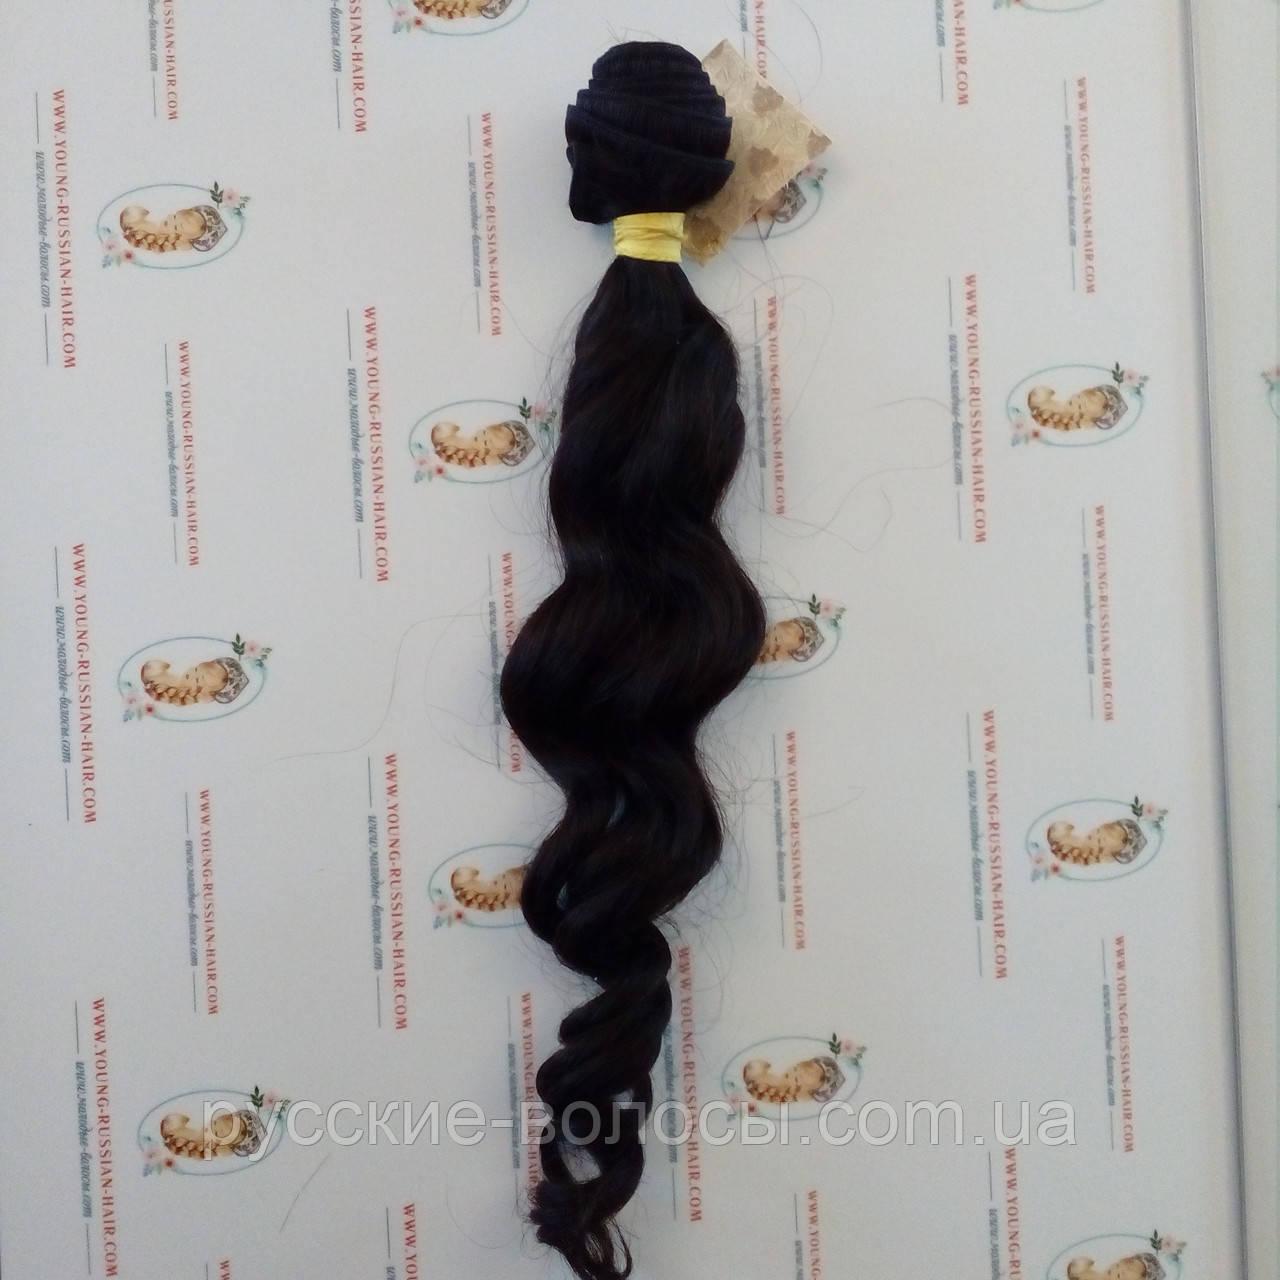 НОВЫЕ ПОСТУПЛЕНИЯ!!! Тресс из славянских волос 55 см PREMIUM